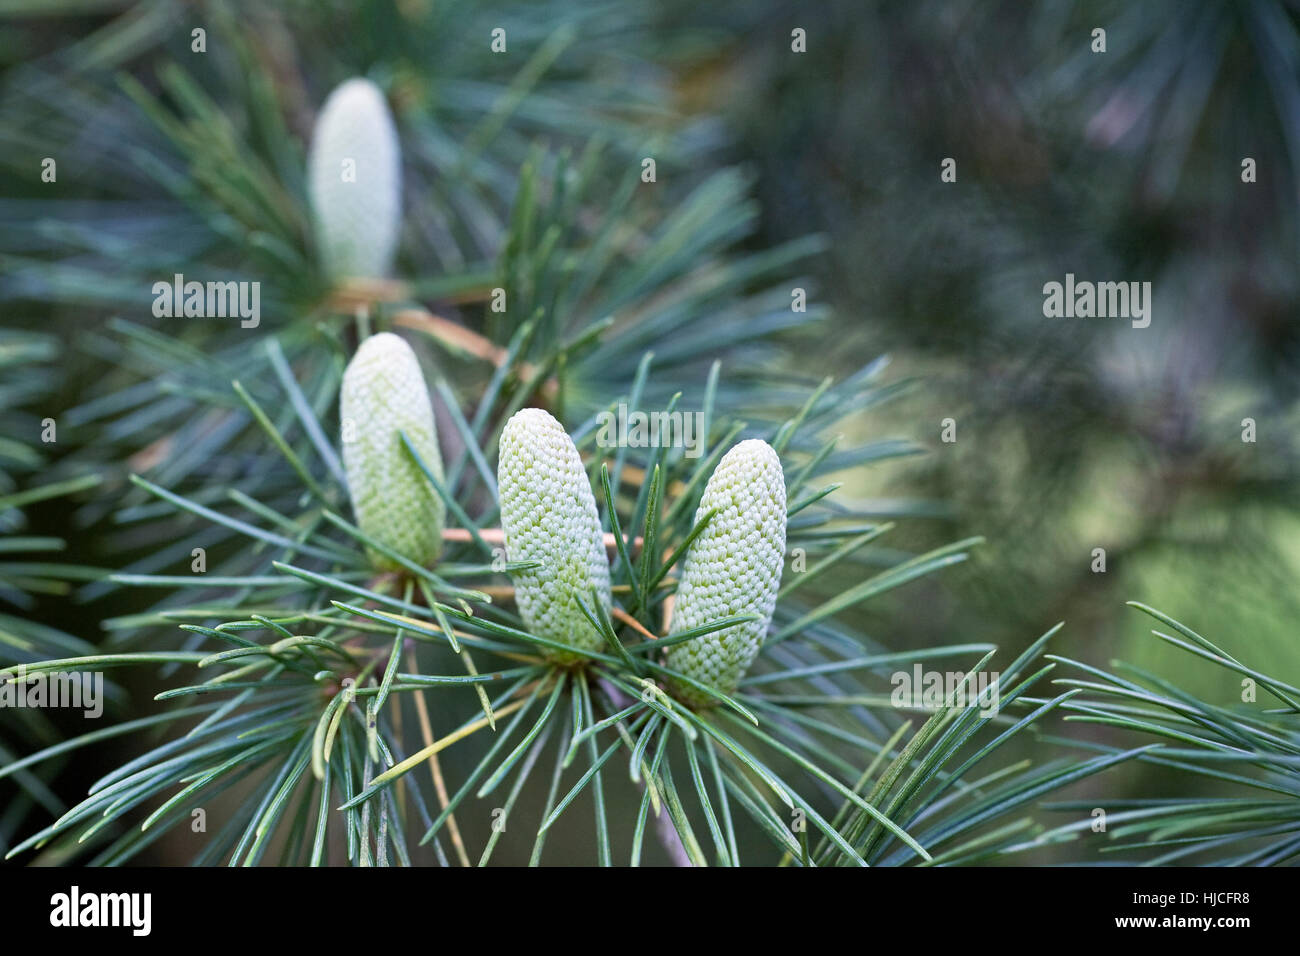 Cedrus deodara cones. Himalayan Cedar close up. - Stock Image